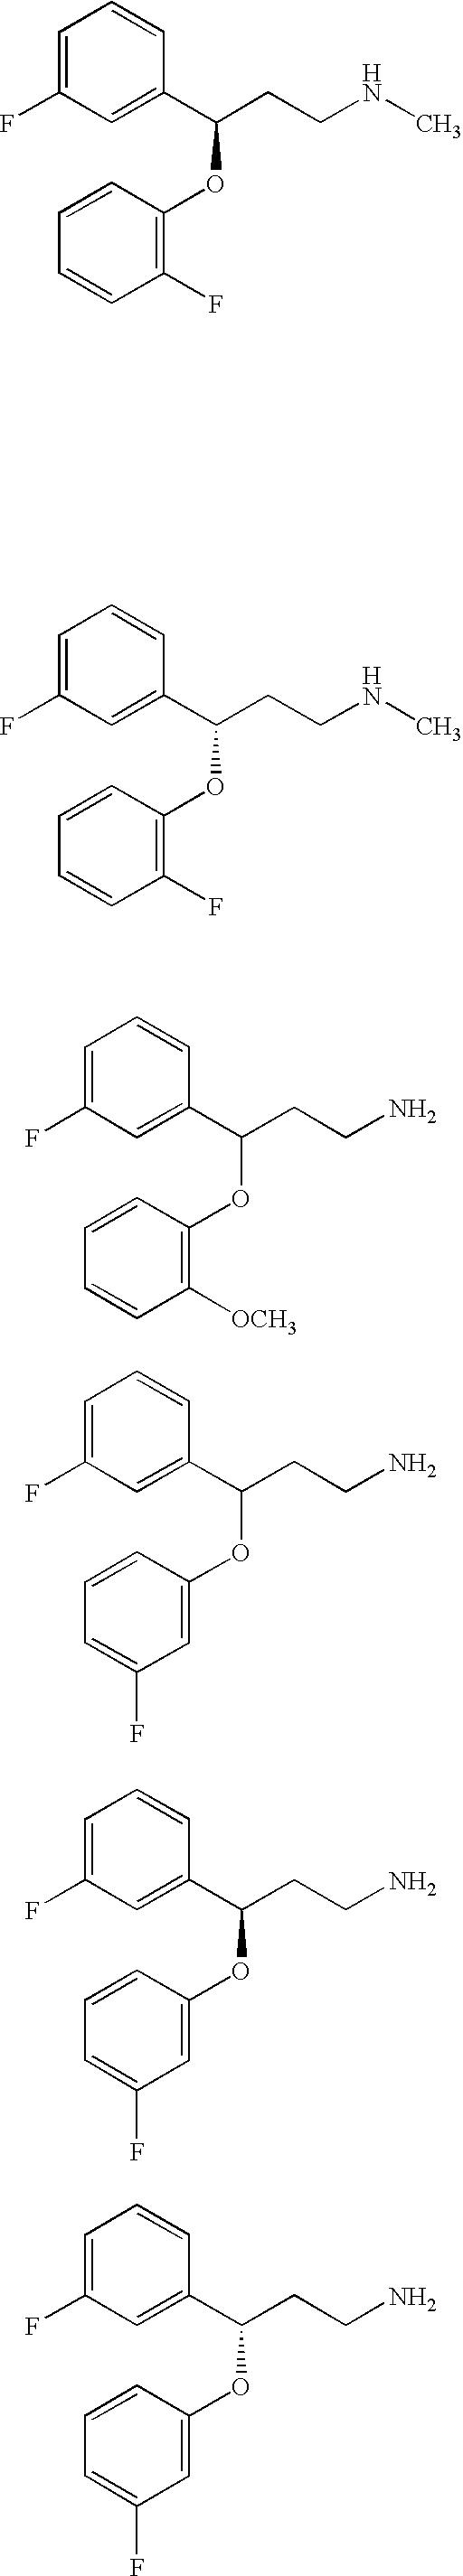 Figure US20050282859A1-20051222-C00073